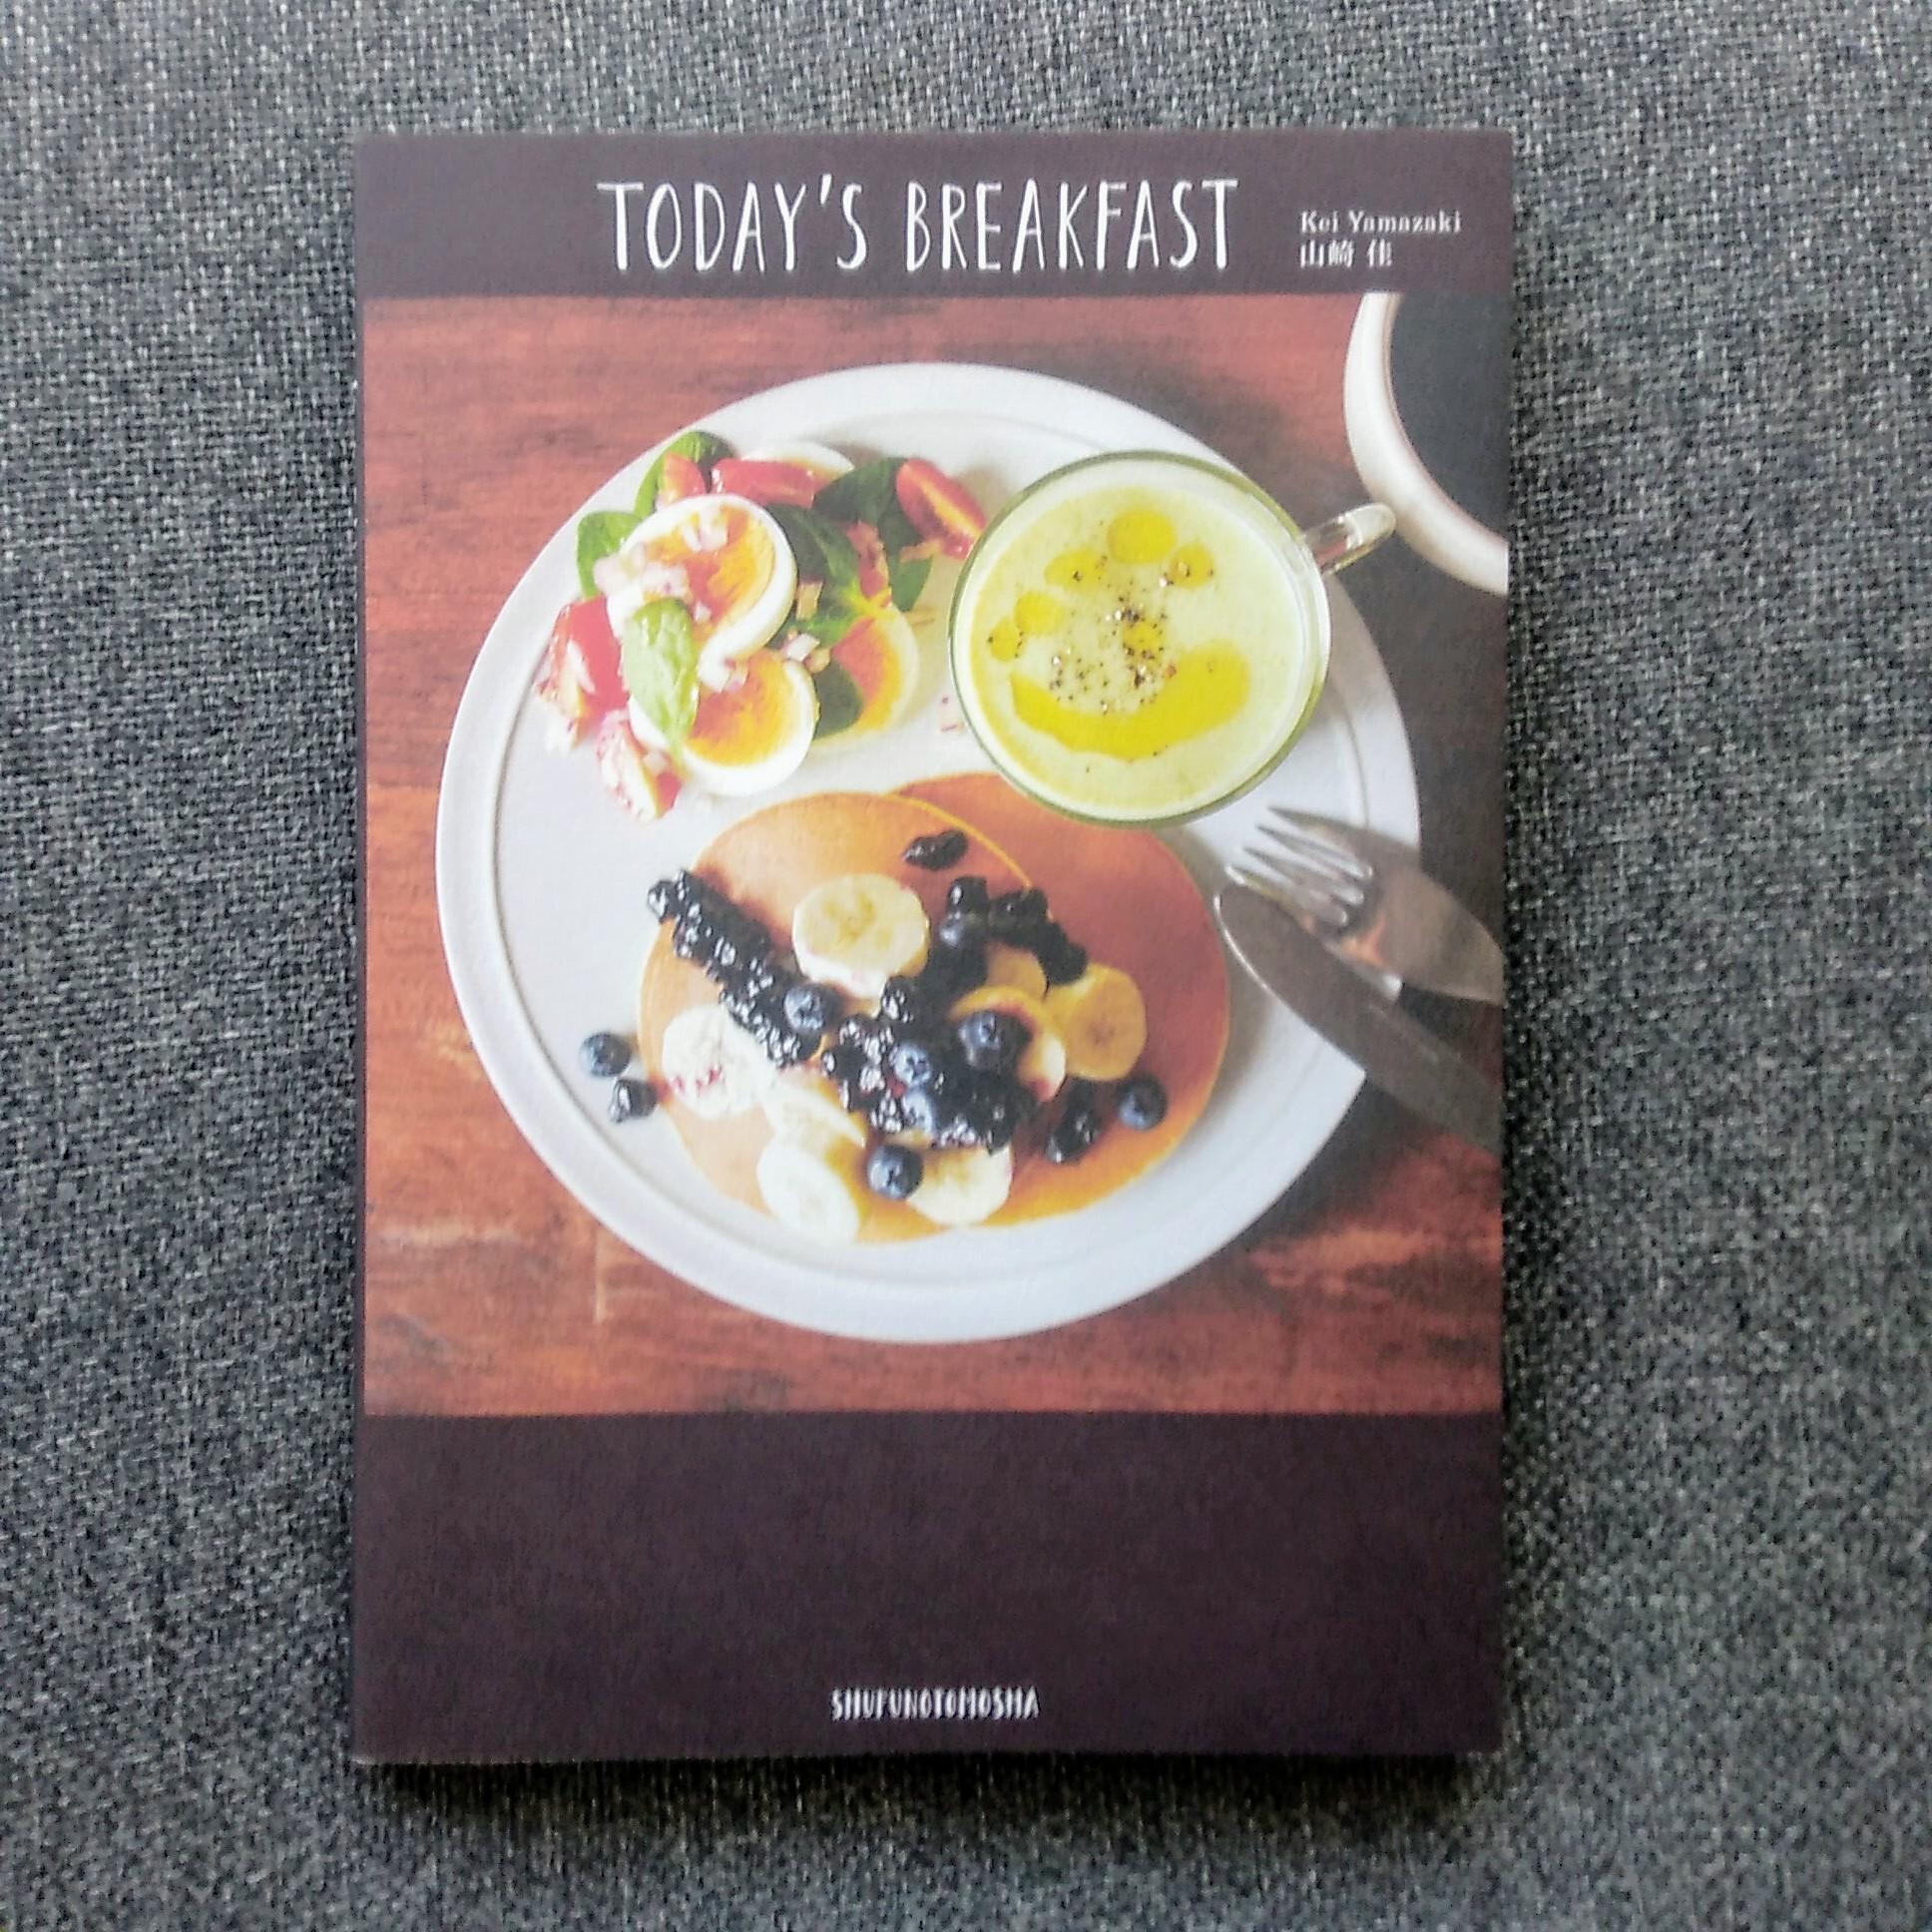 TODAY'S BREAKFAST ~シンプルで美しい、ワンプレートの朝ごはん日記。